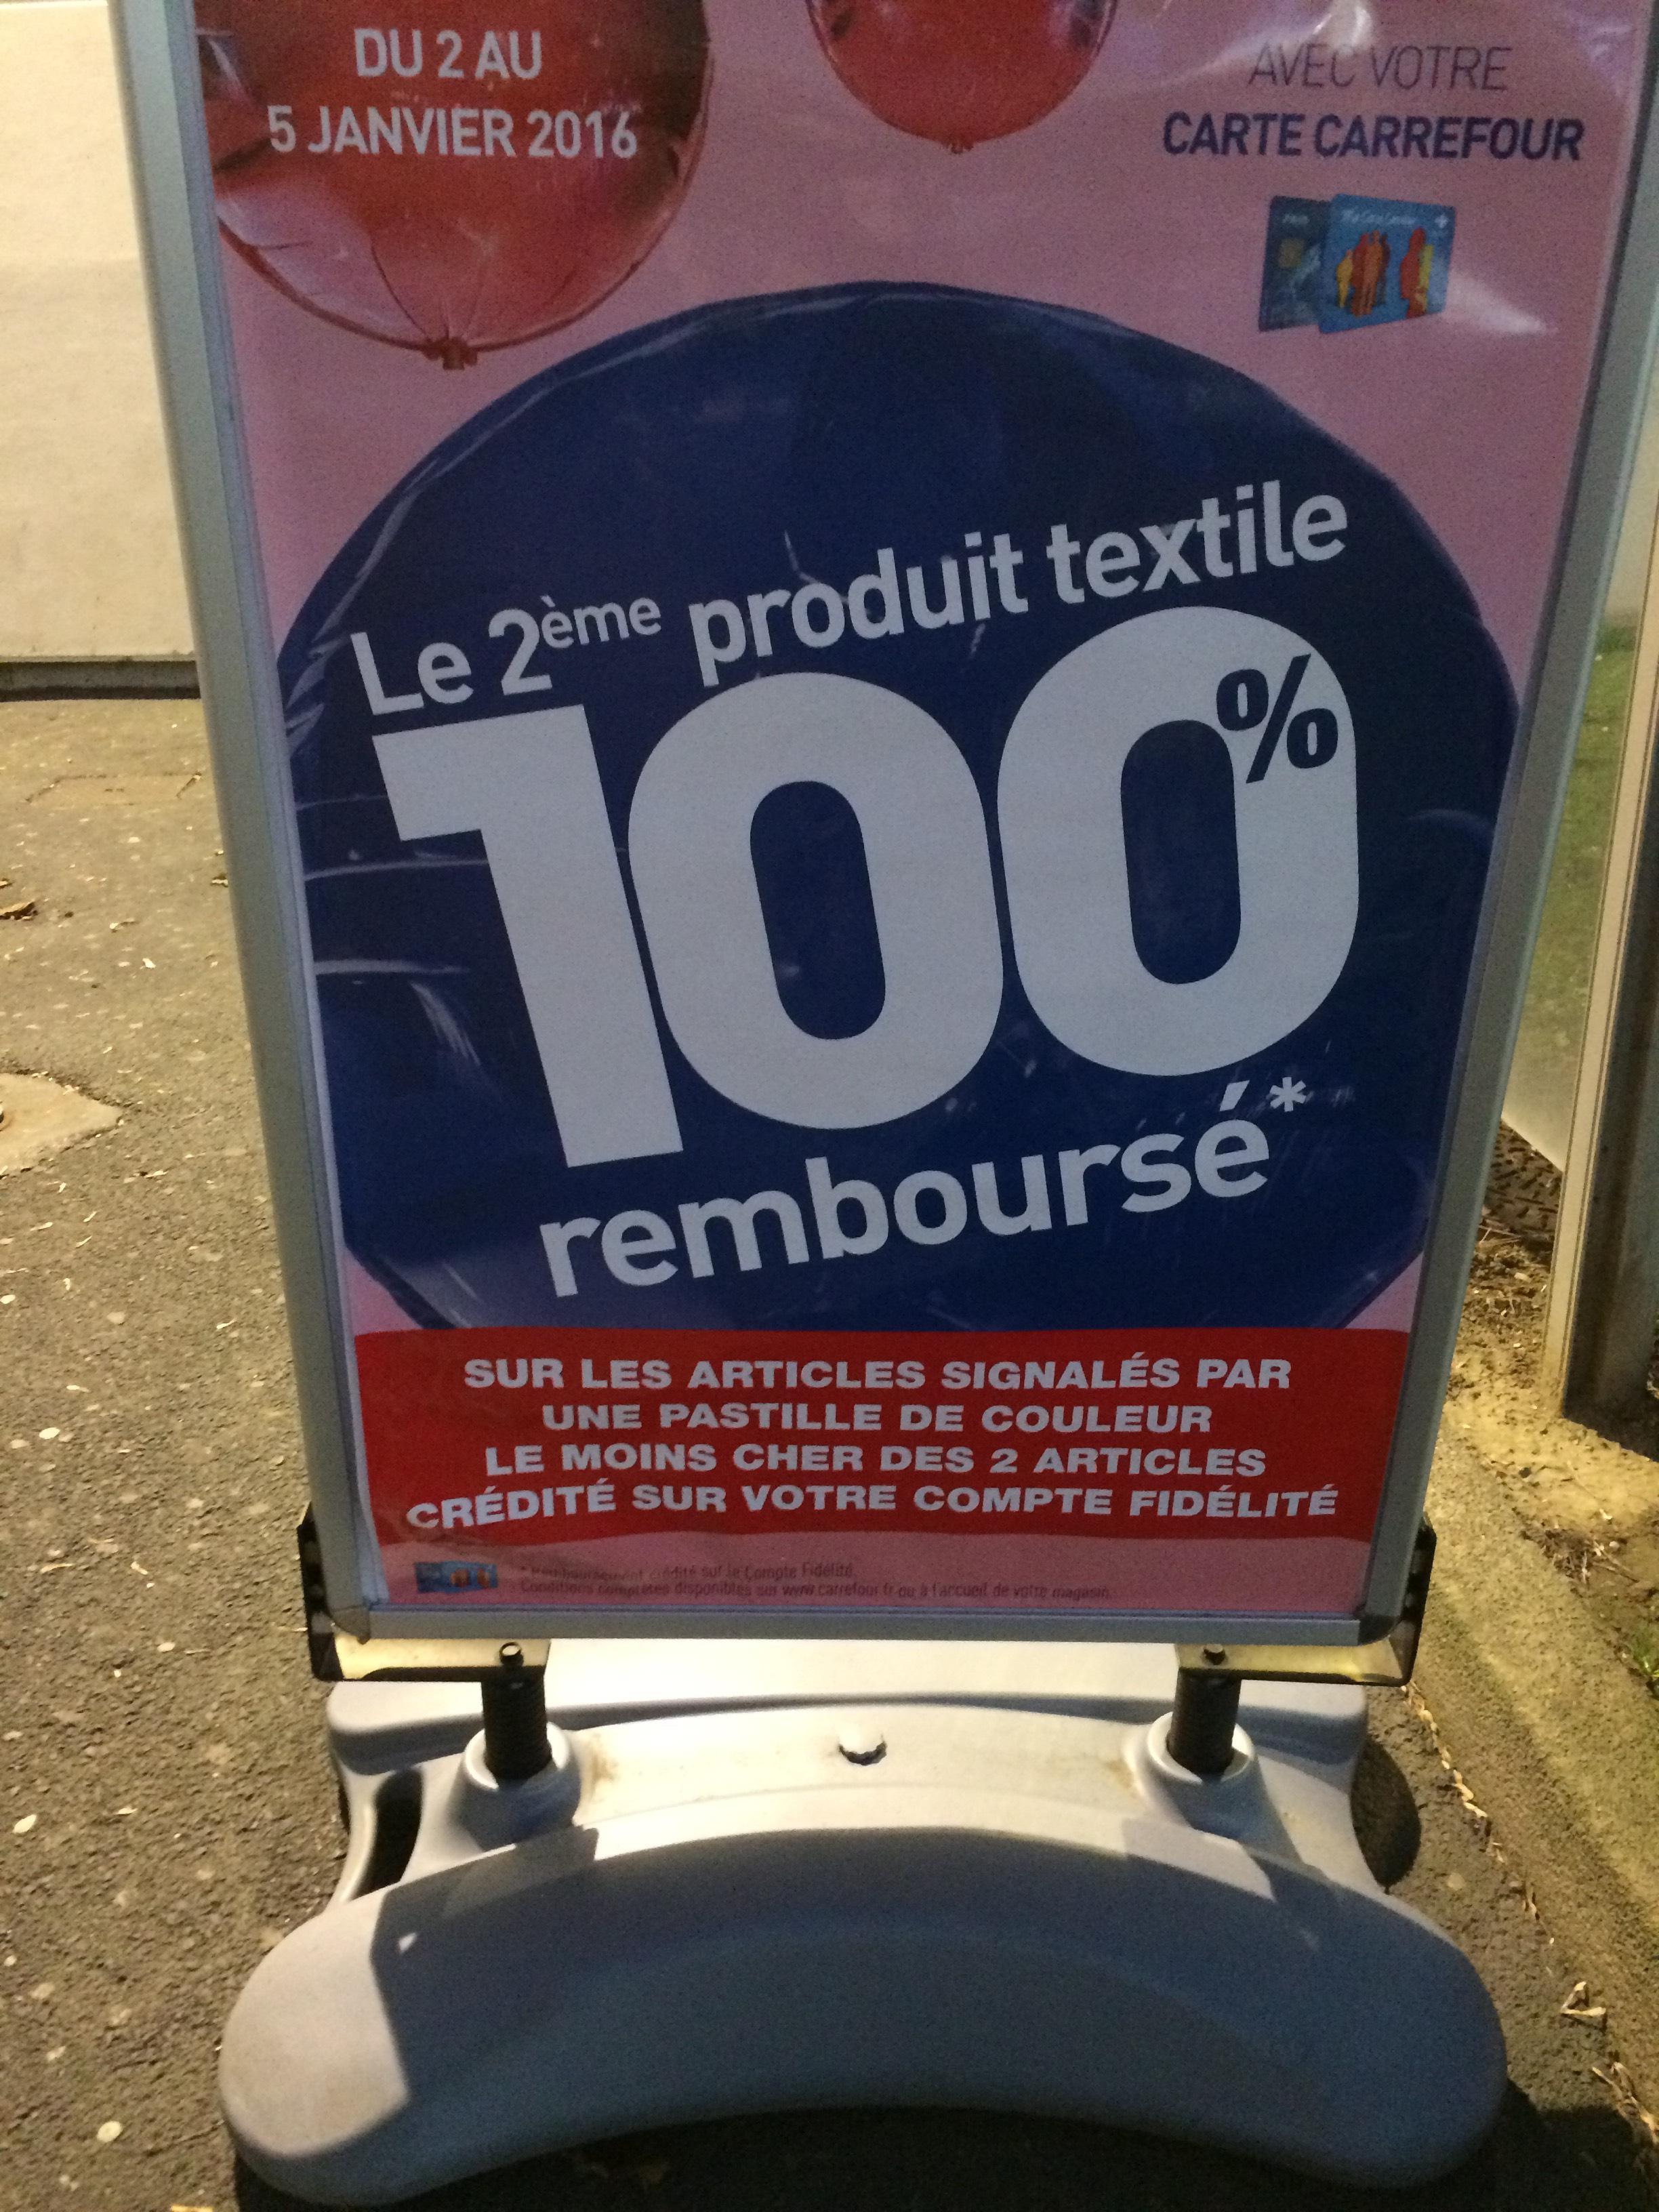 Le 2ème produit textile 100% remboursé (sur articles signalés)